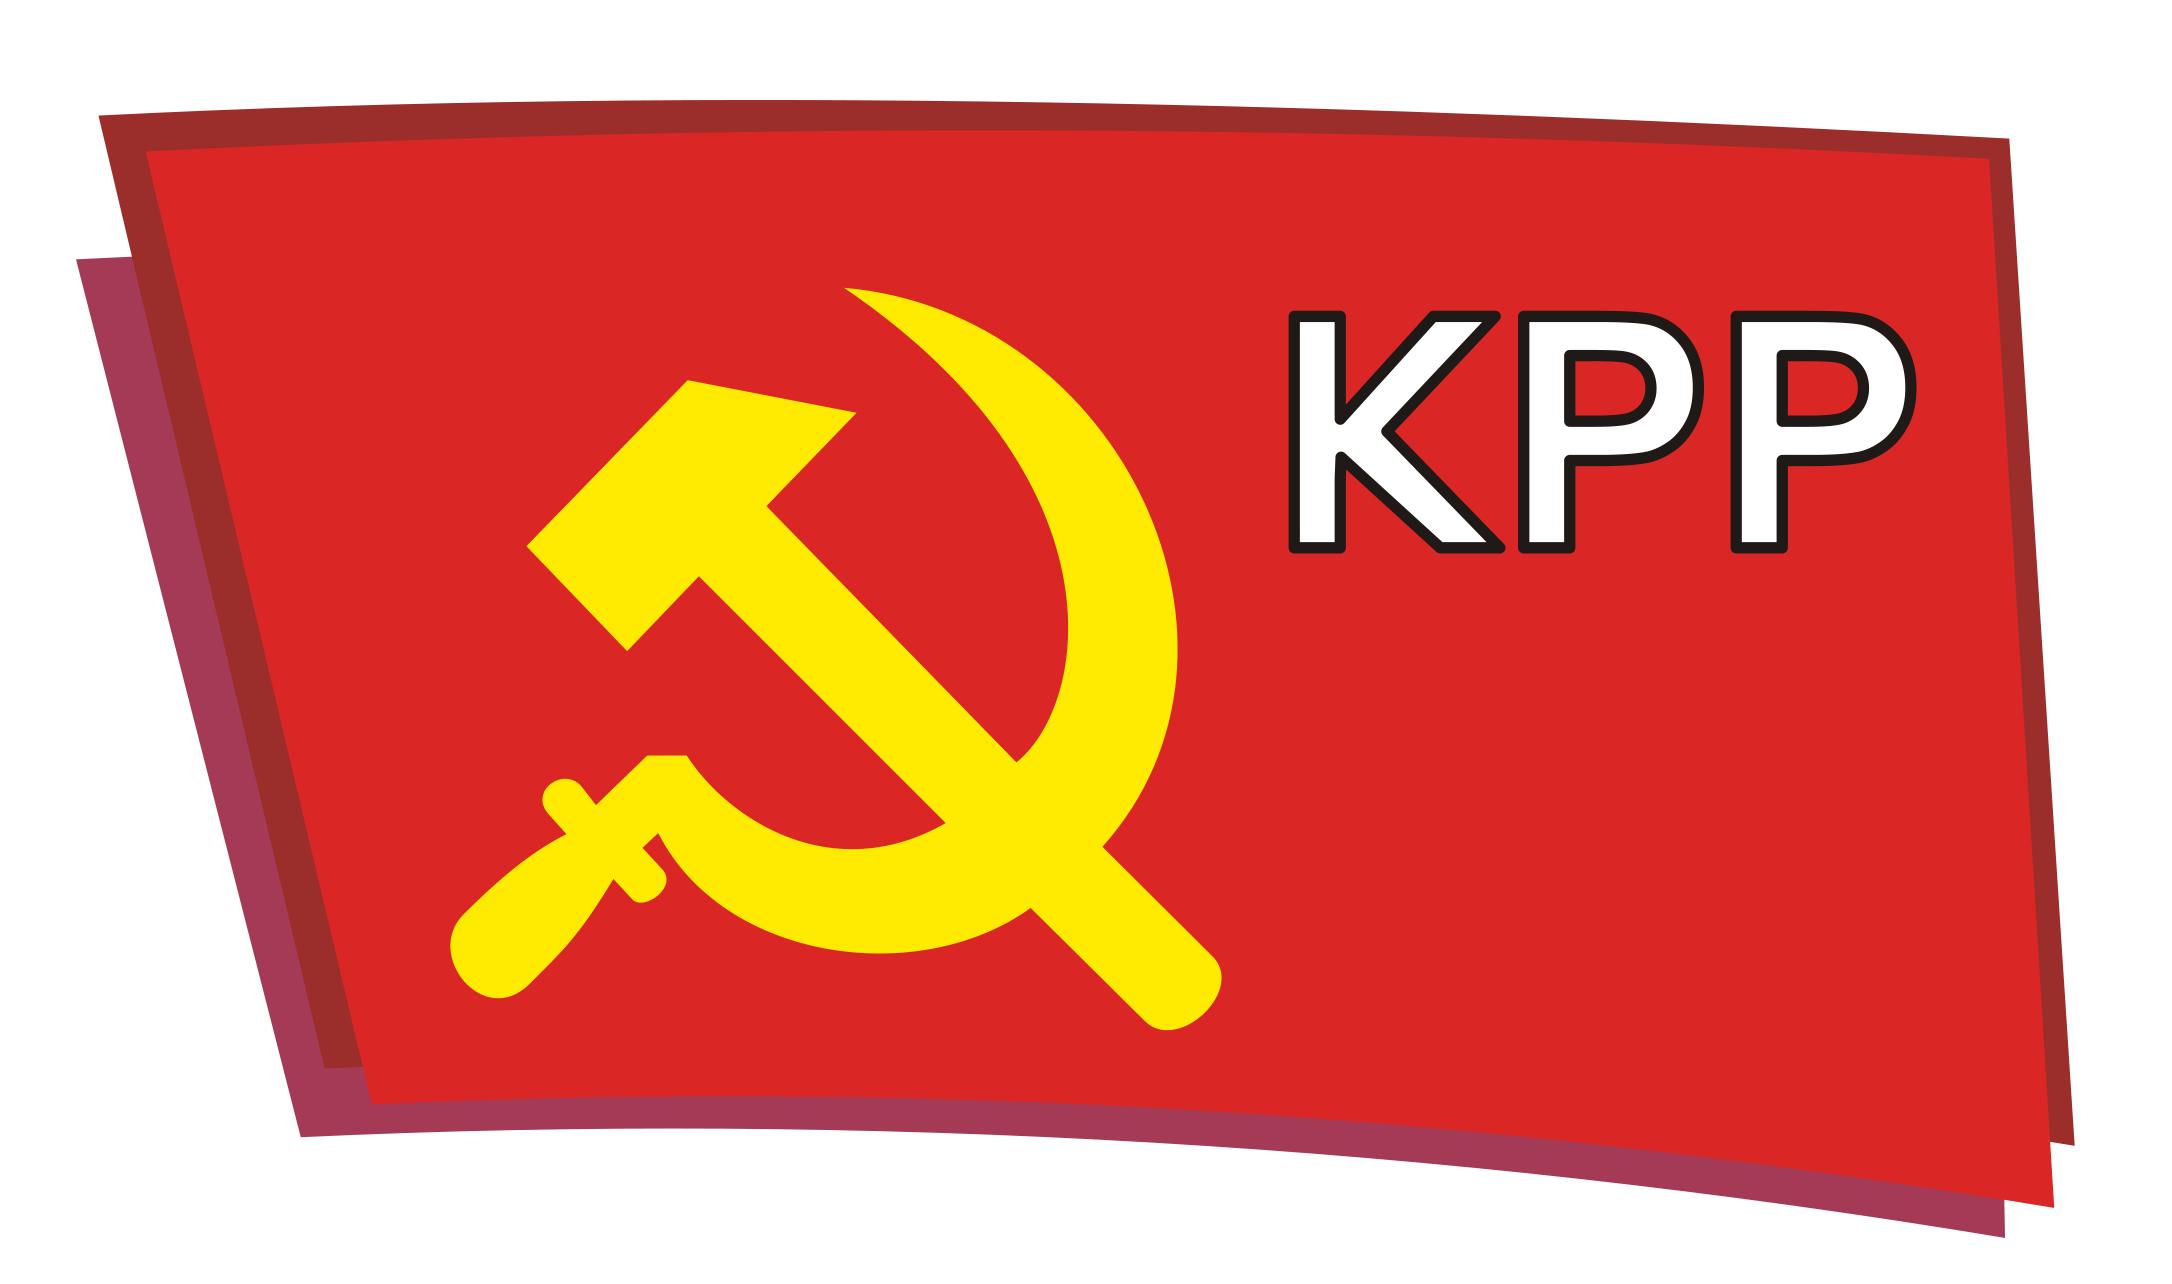 Le Parti Communiste de Pologne (KPP) répond aux menaces d'interdiction